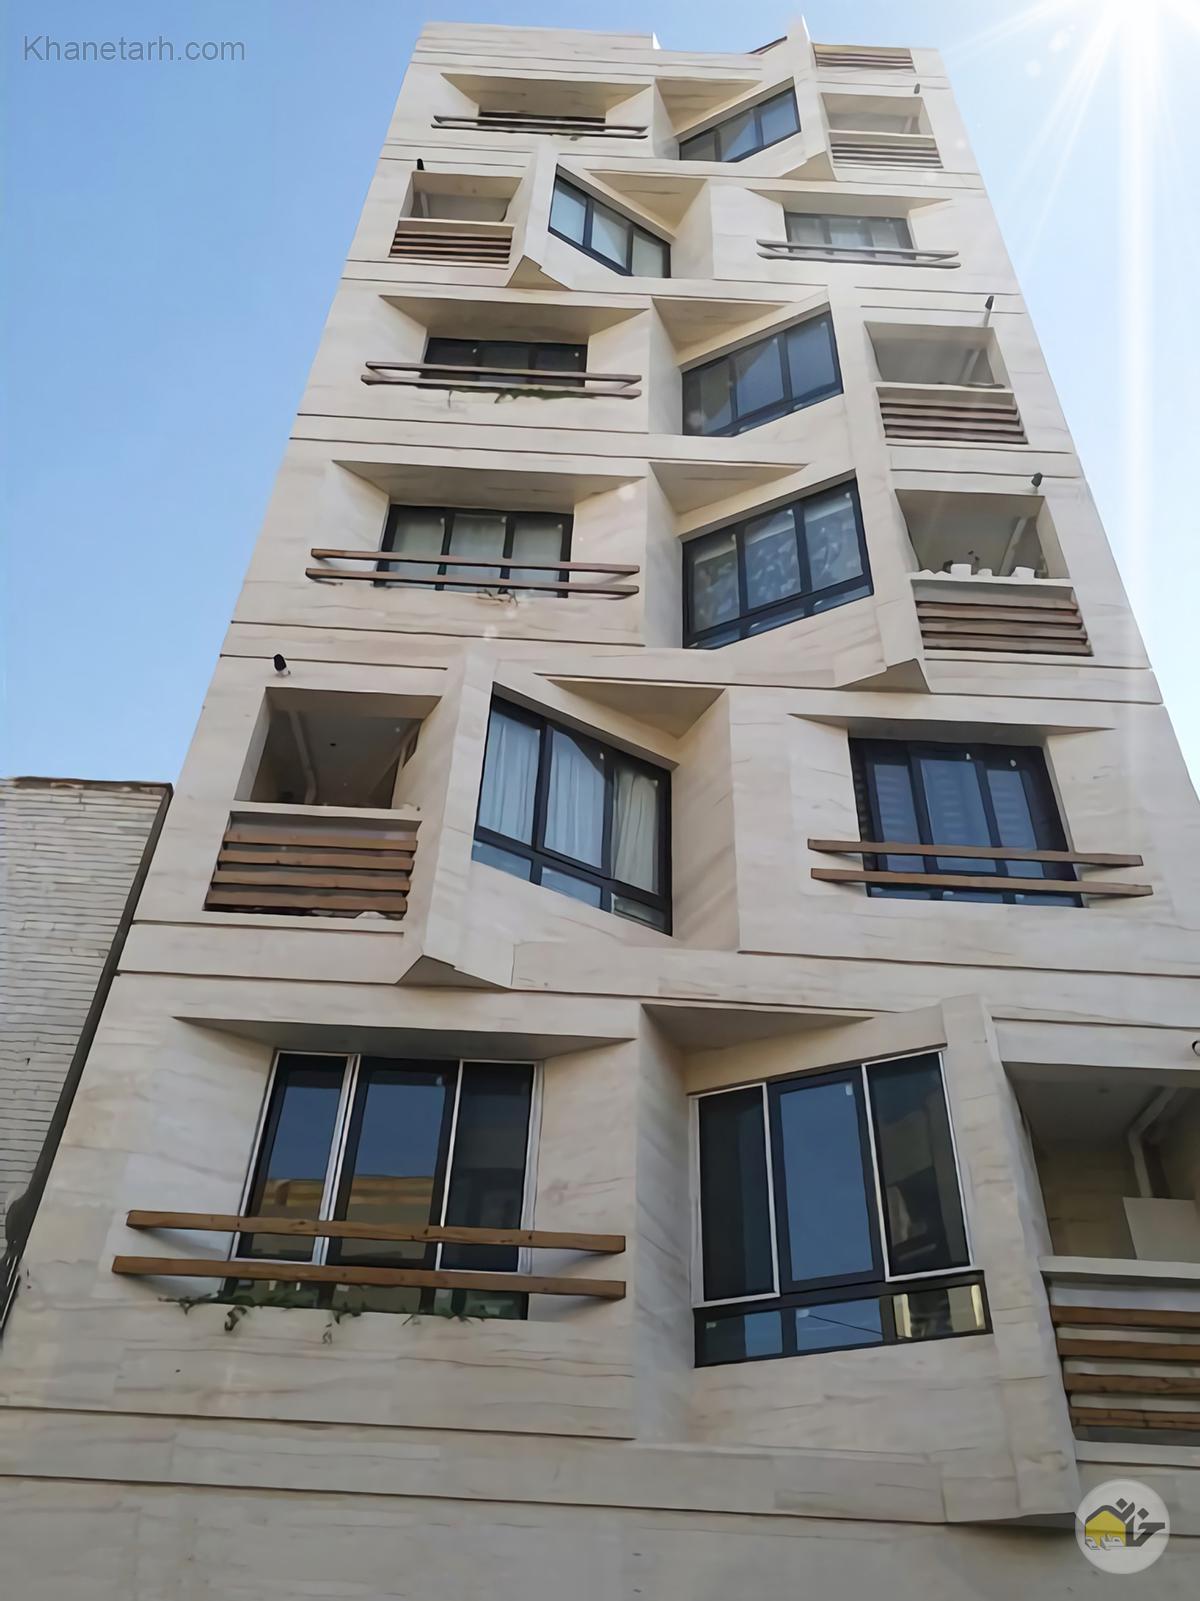 نمای ساختمان جنوبی